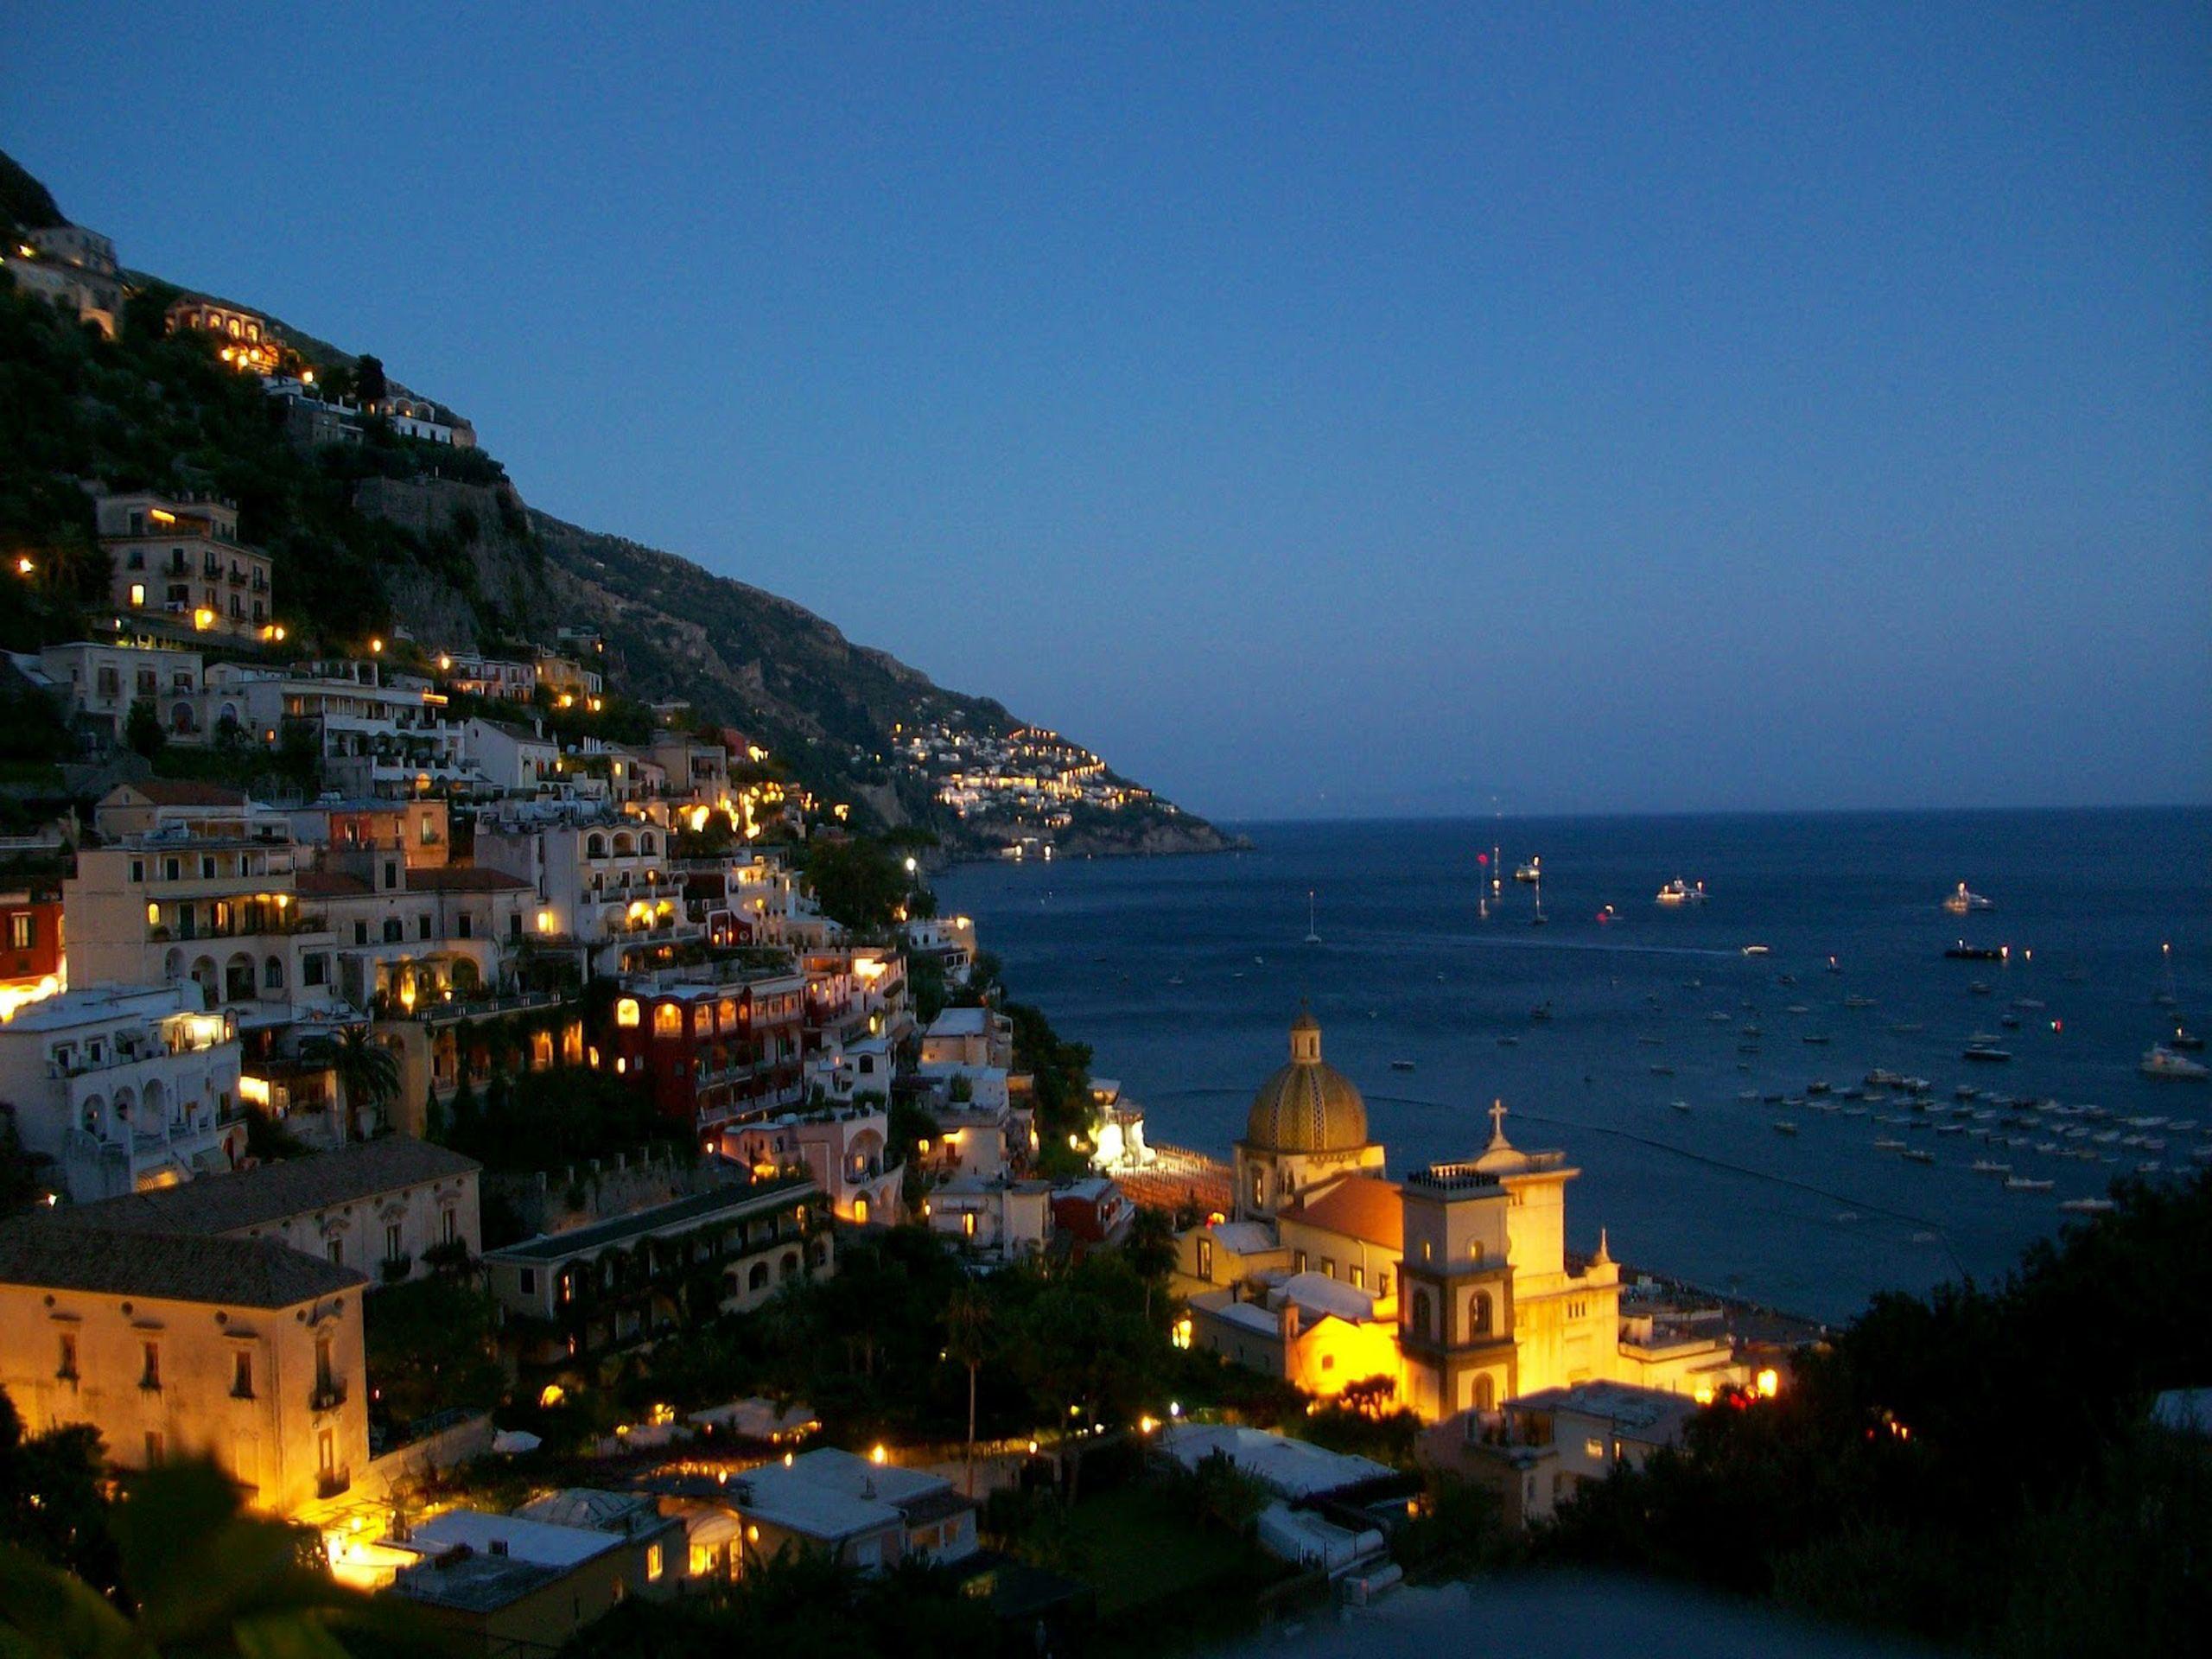 best ideas about Positano on Pinterest Costa amalfi Amalfi